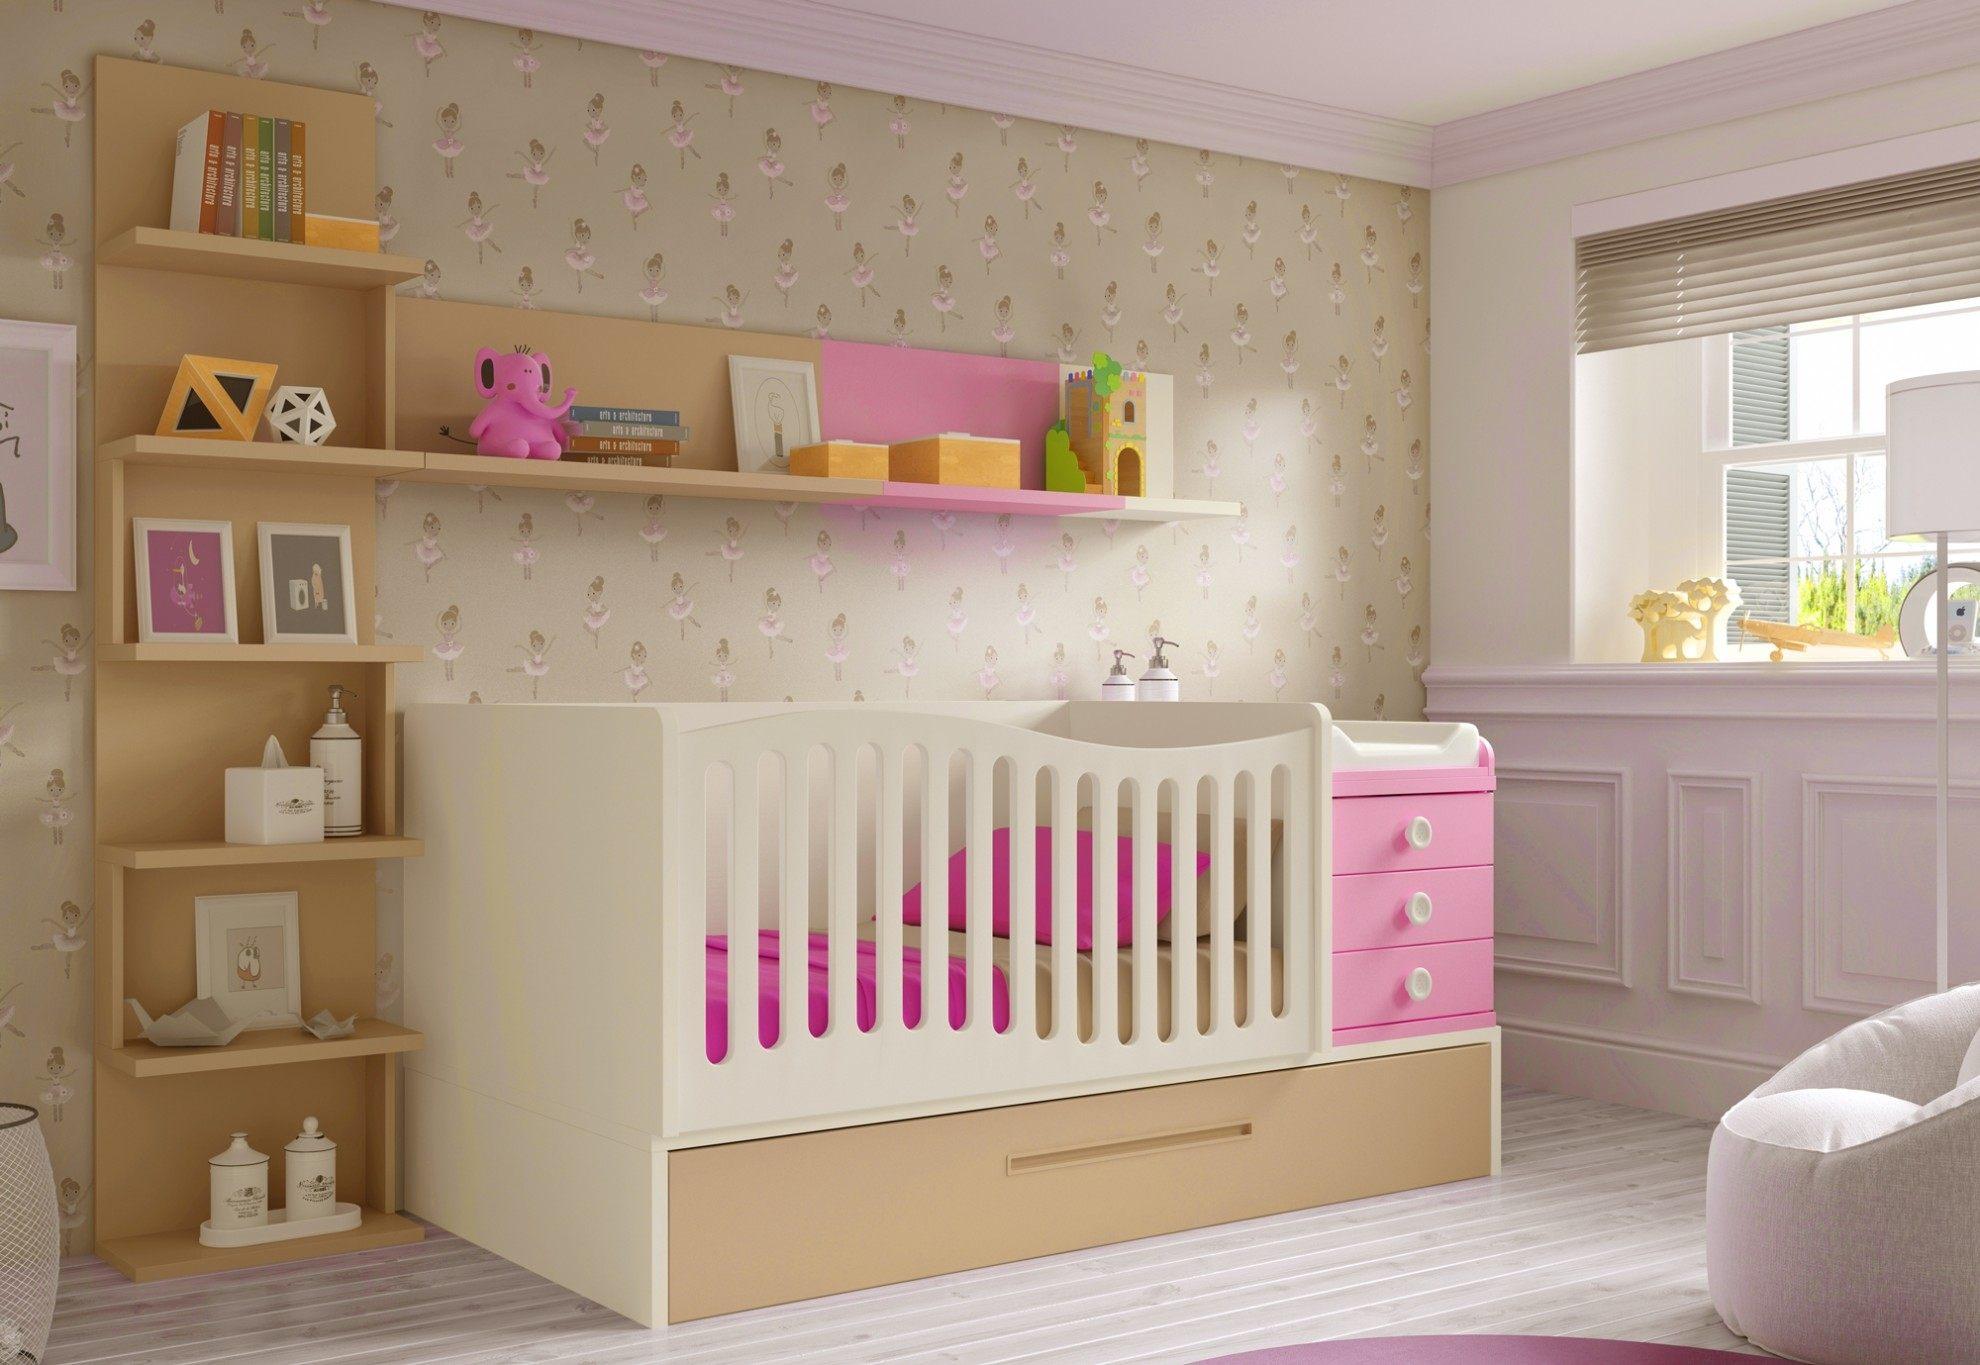 Berceau Lit Bébé Inspirant Lesmeubles Meuble Chambre Bébé — Lesmeubles